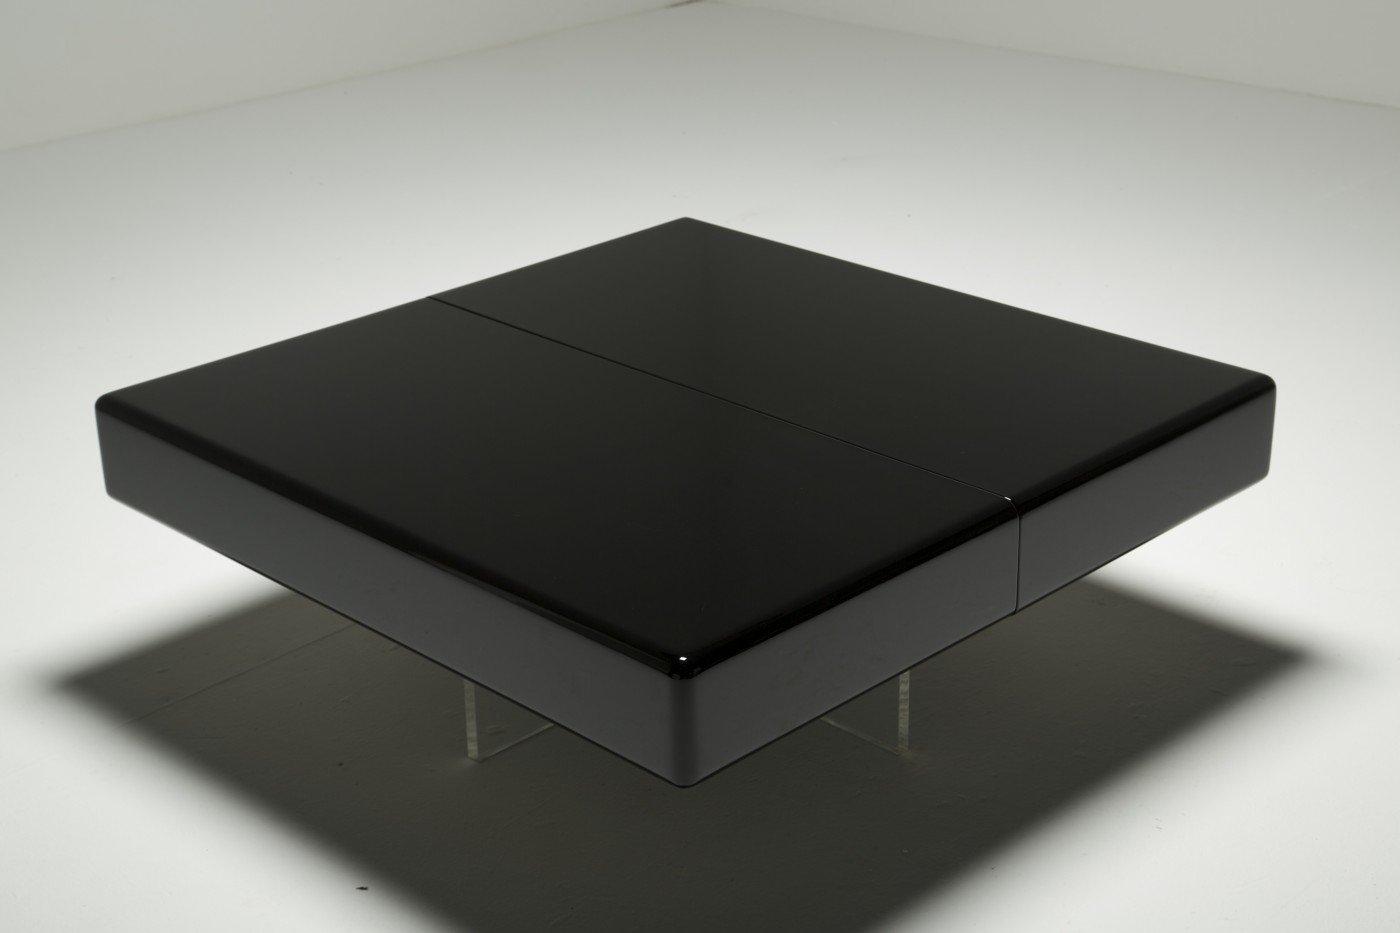 Table basse en noire laqu e avec base perspex en vente sur for Table 6 km turquie